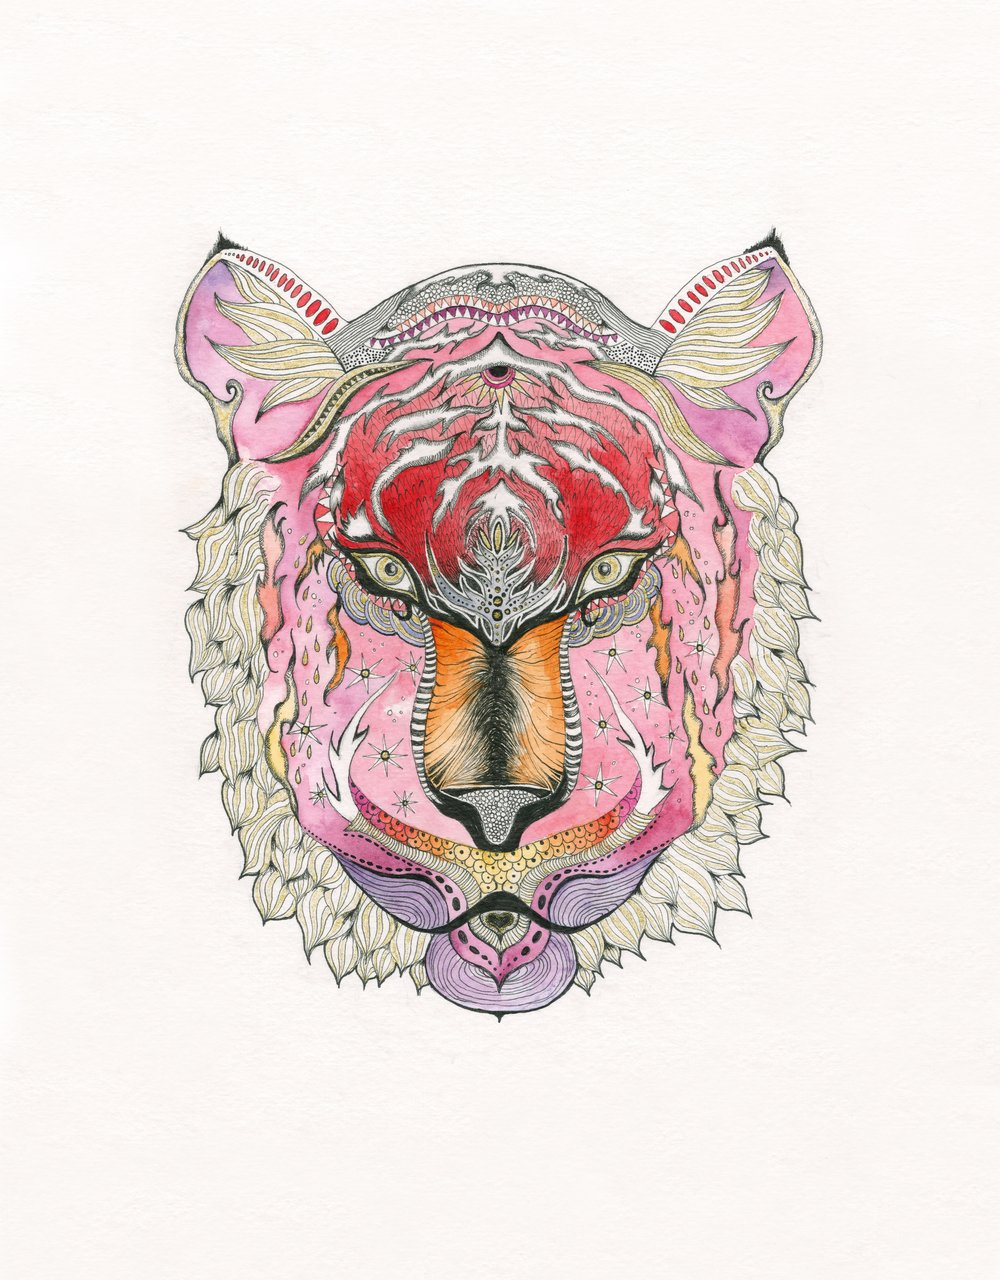 Tigerjpeg